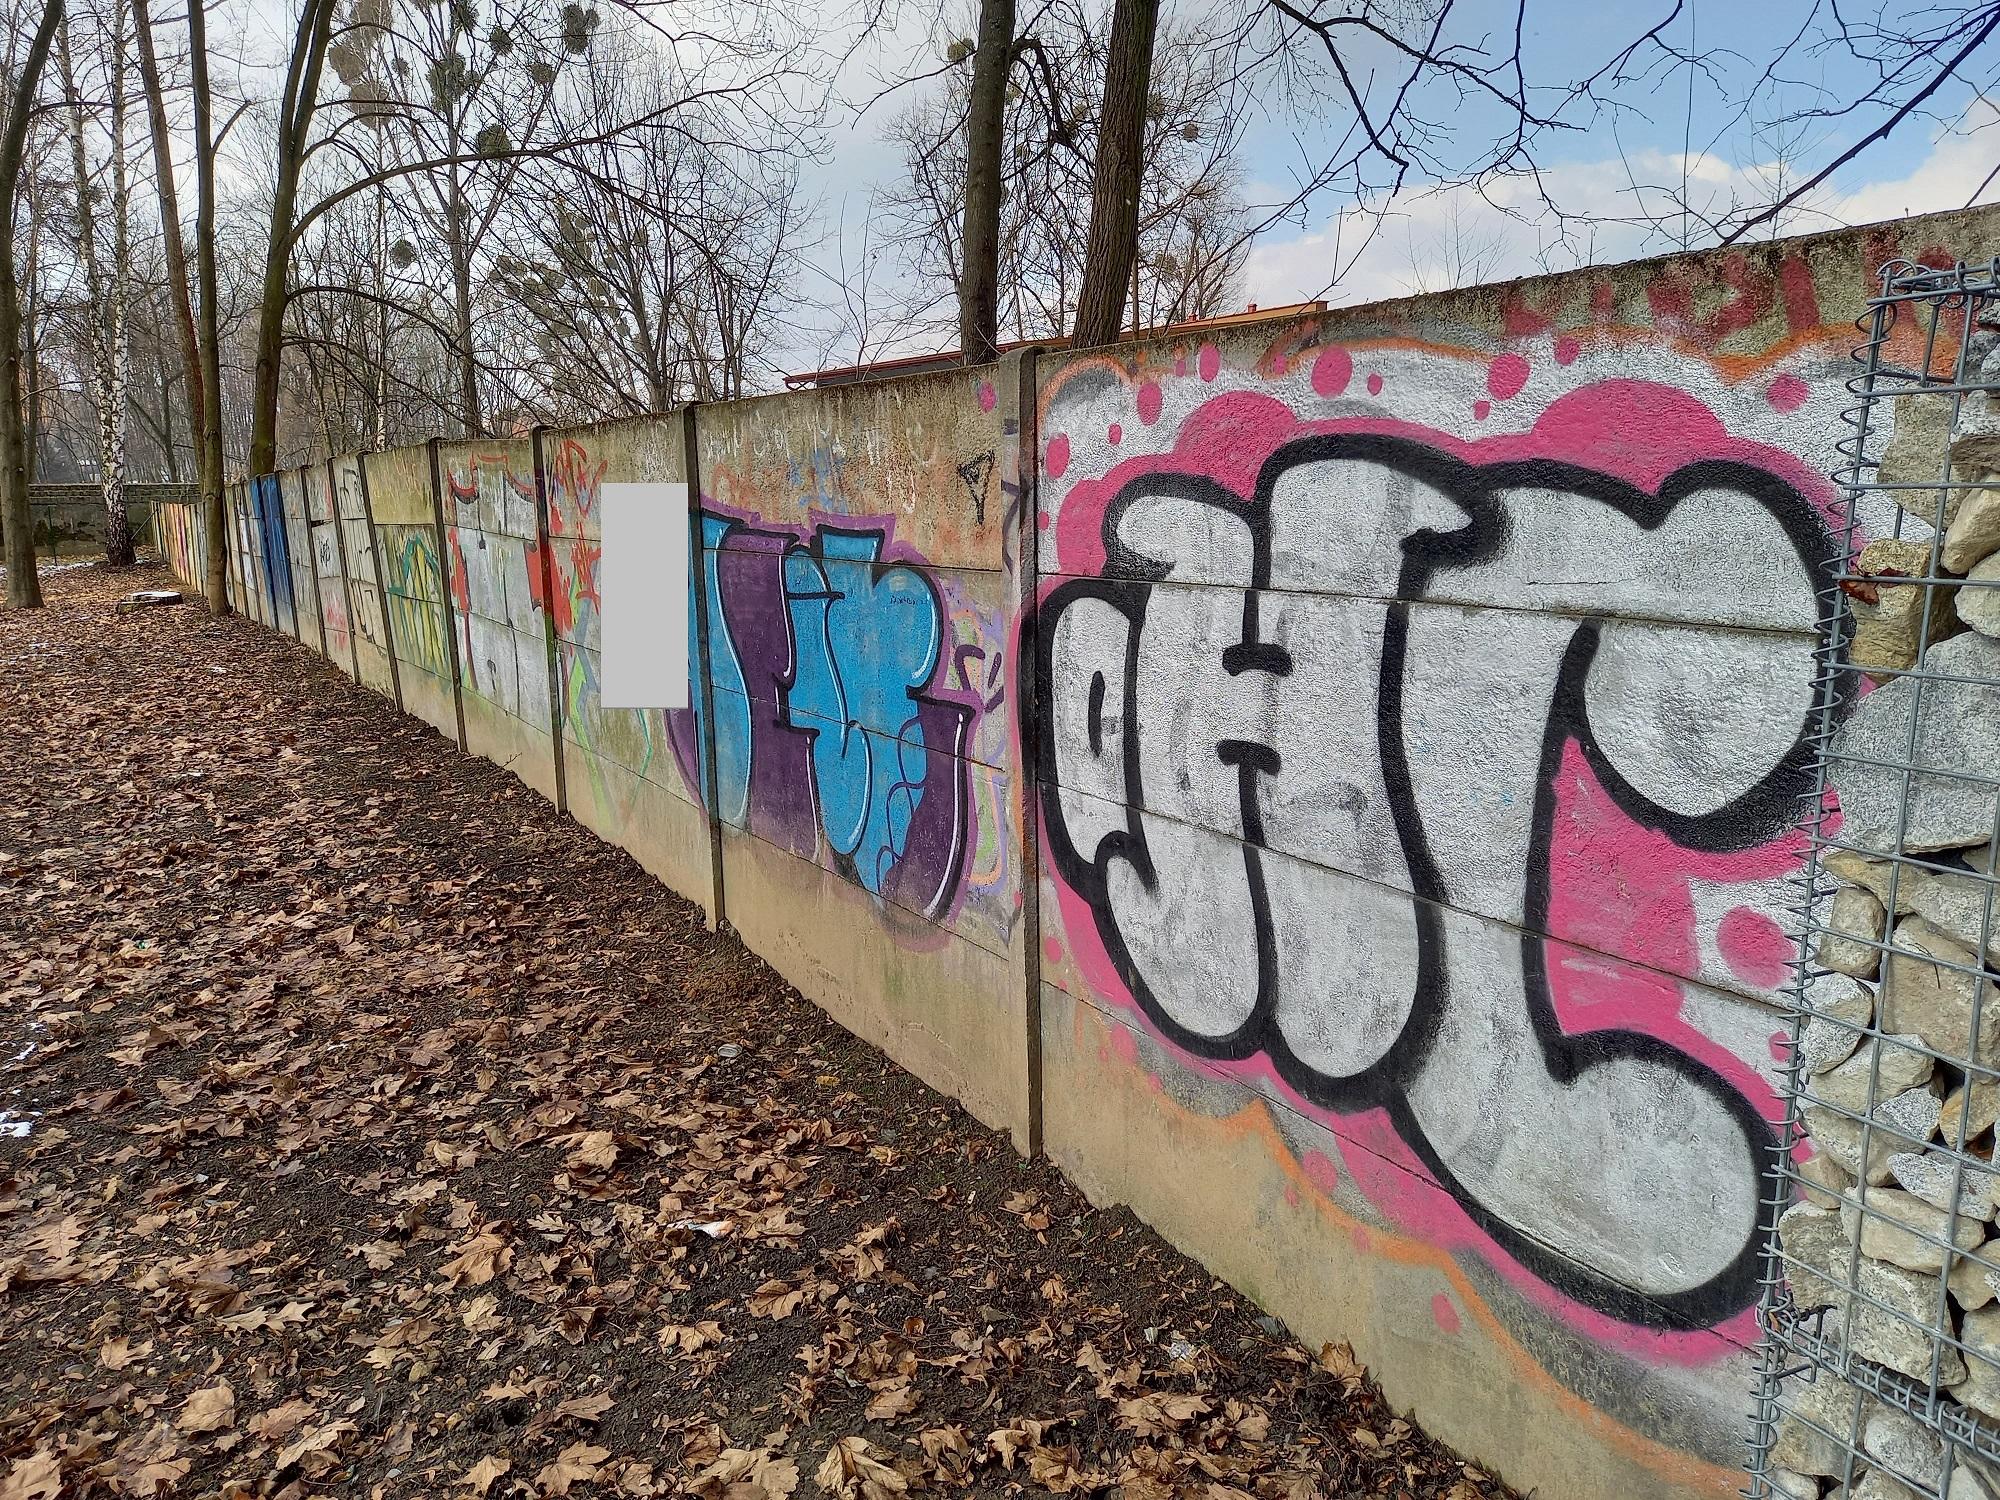 Miasto Oświęcim. Konkurs na mural o tematyce pokojowej nowym Parku Pokoju w Oświęcimiu